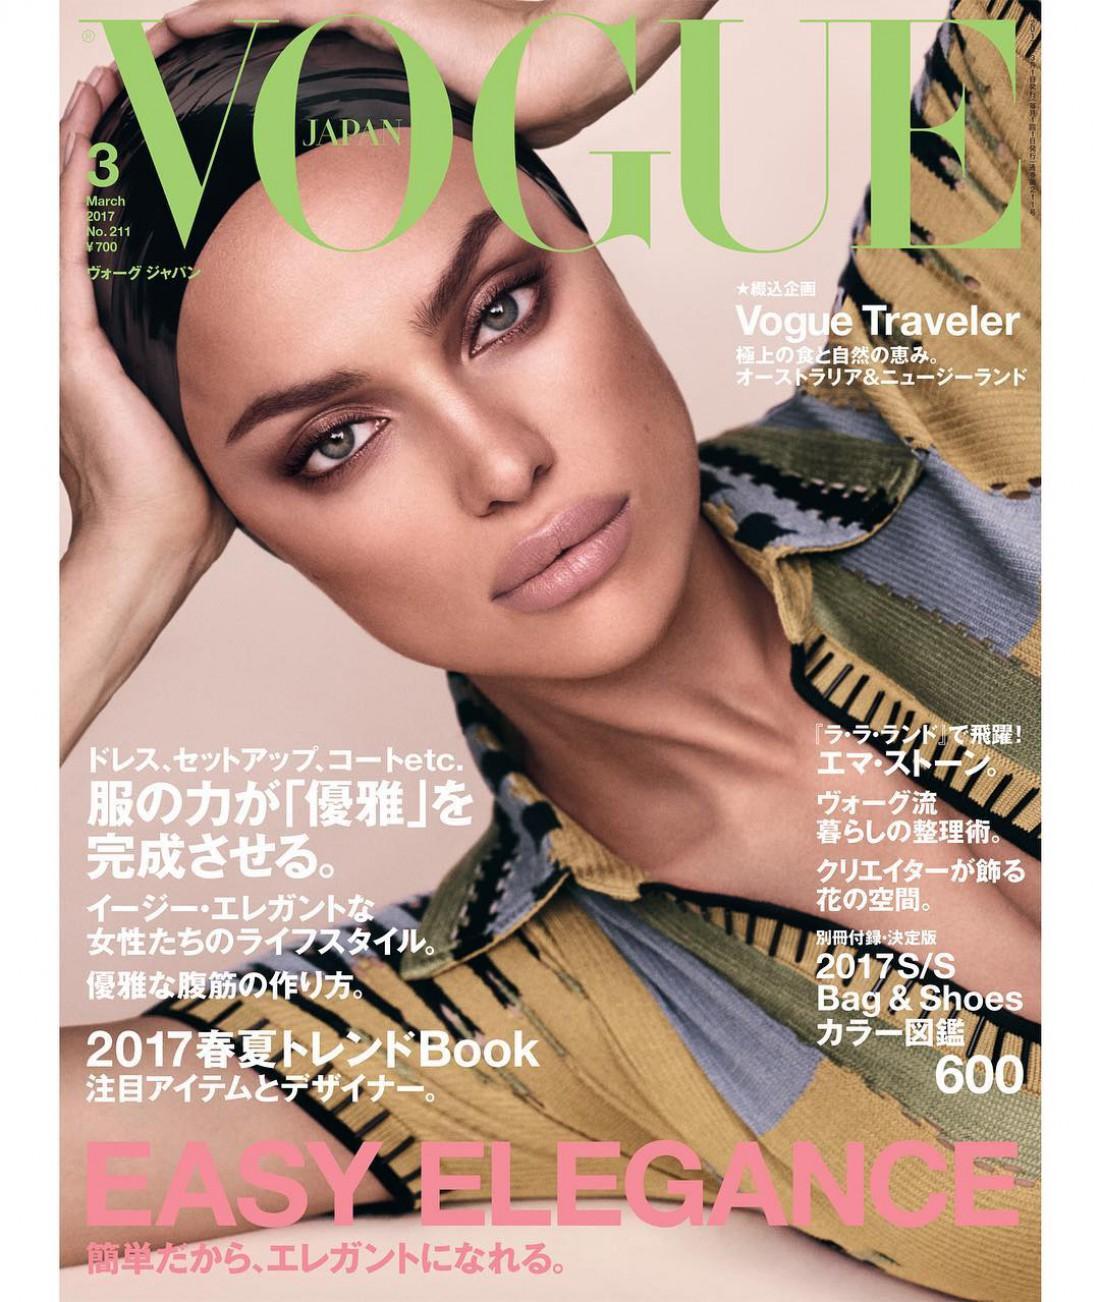 Топ модель Ирина Шейк на обложке японского журнала